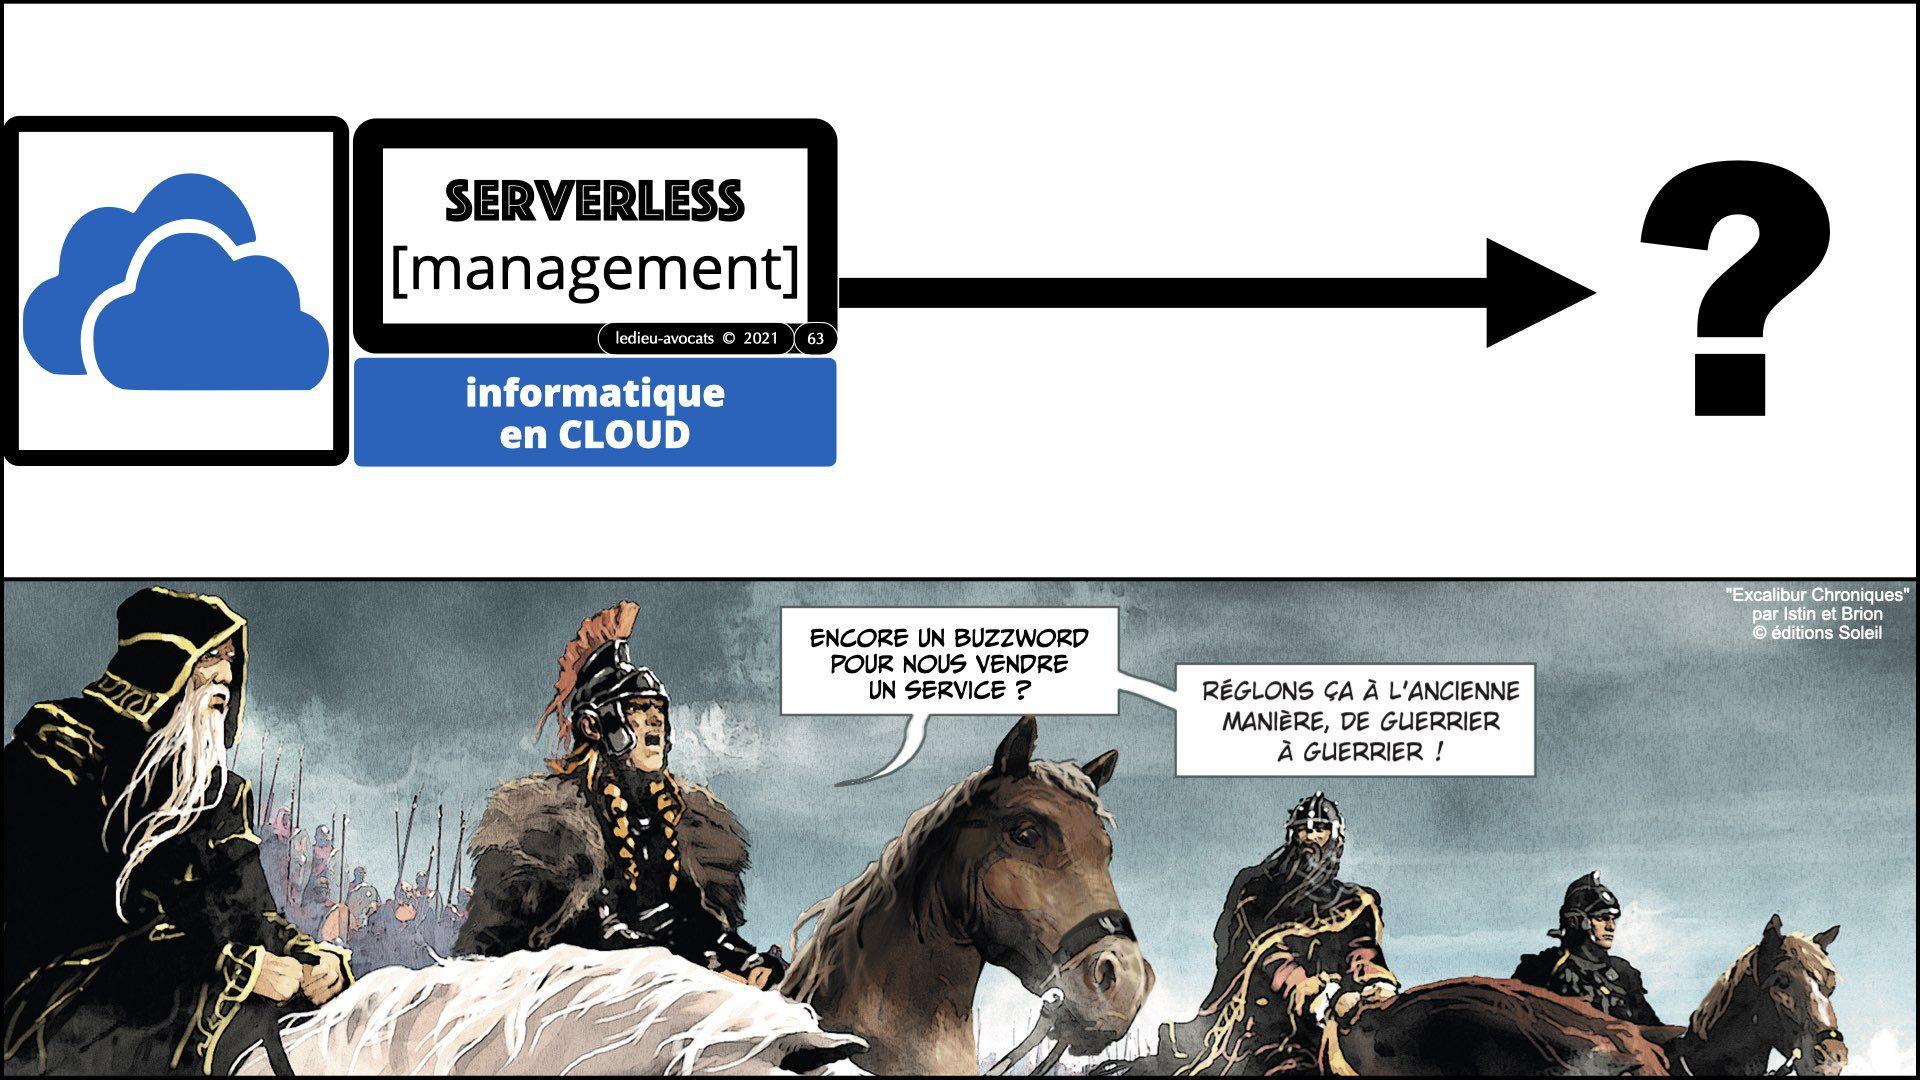 343 service LOGICIEL SaaS Software-as-a-Service cloud computing © Ledieu-Avocats technique droit numerique 30-08-2021.063